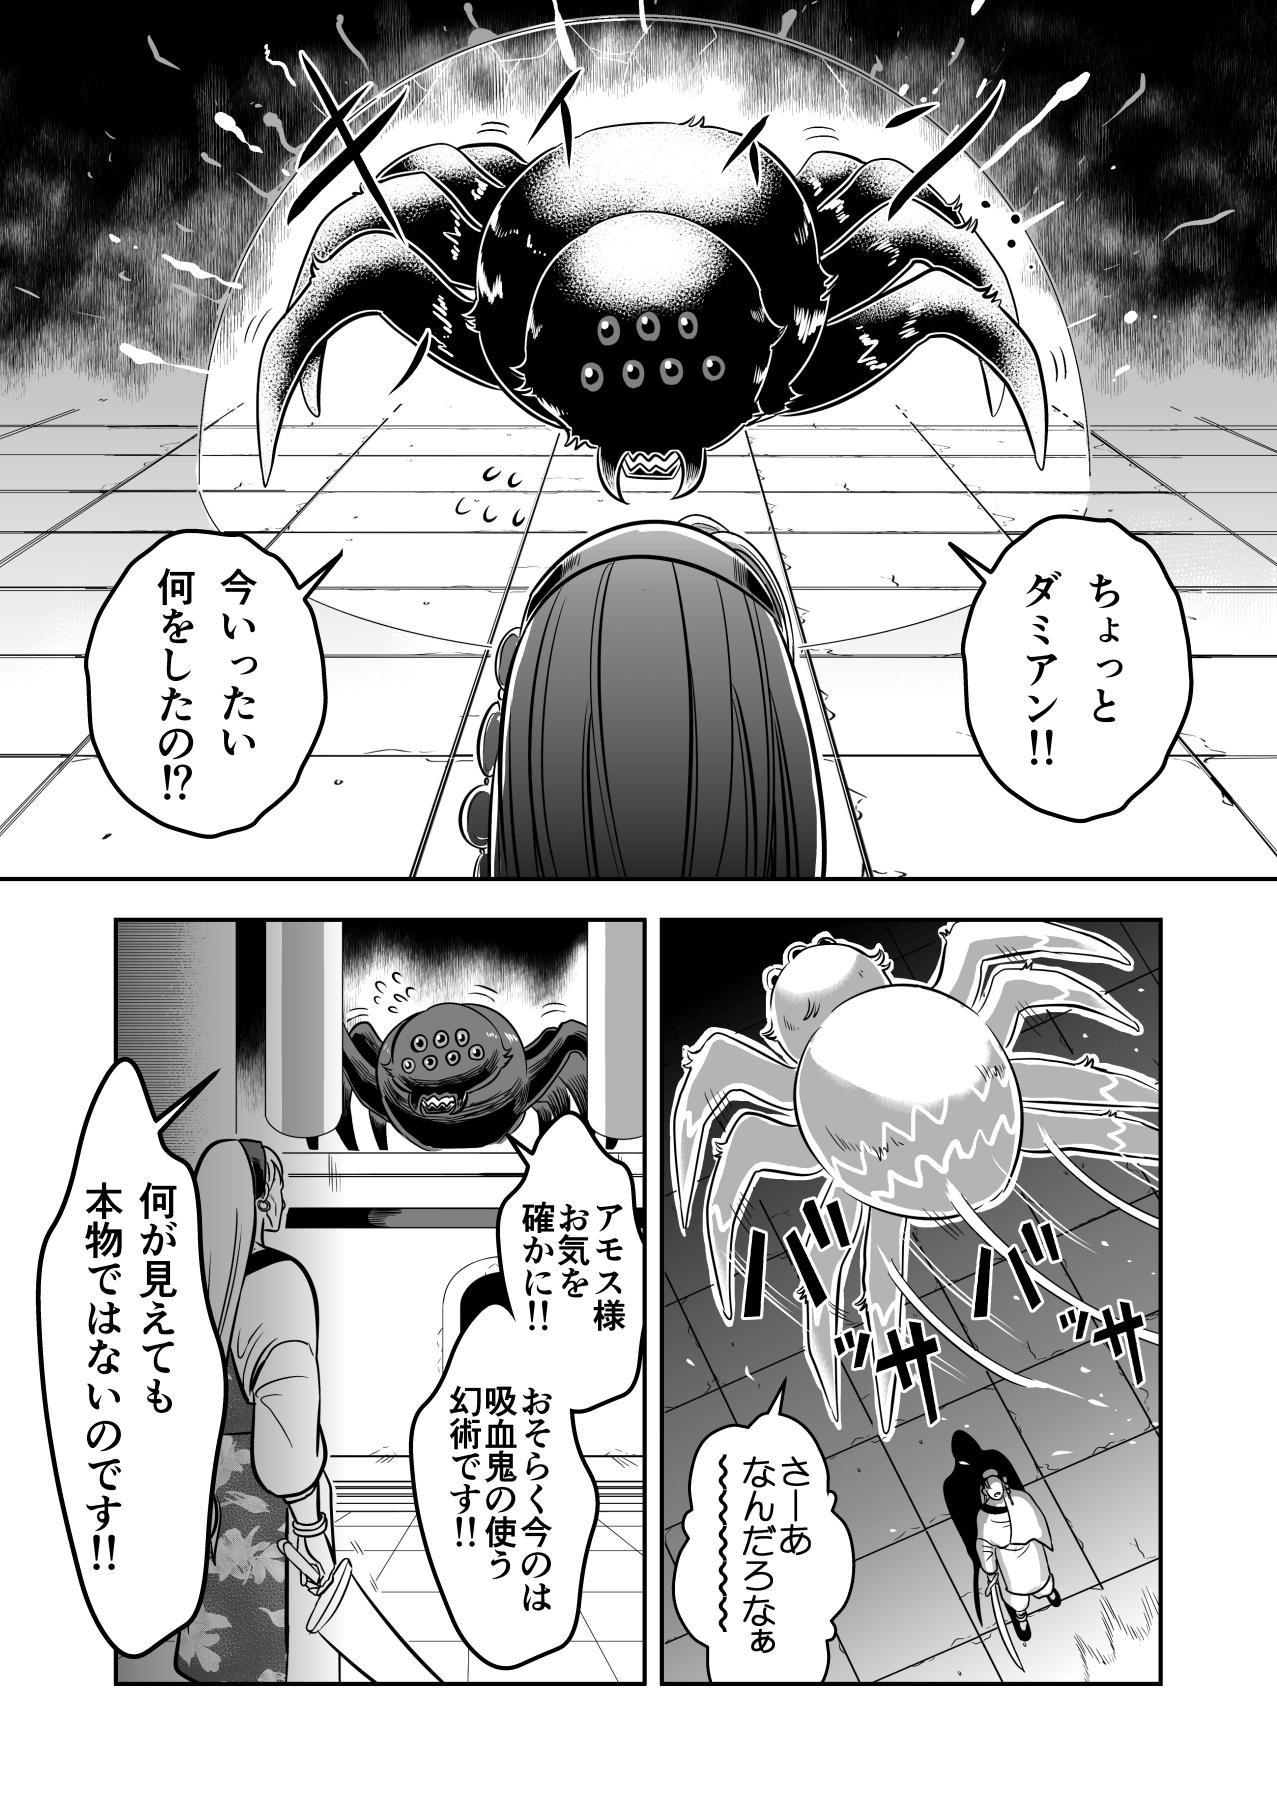 ヤサグレ魔女と第1王子と吸血鬼⑬ (11)-min